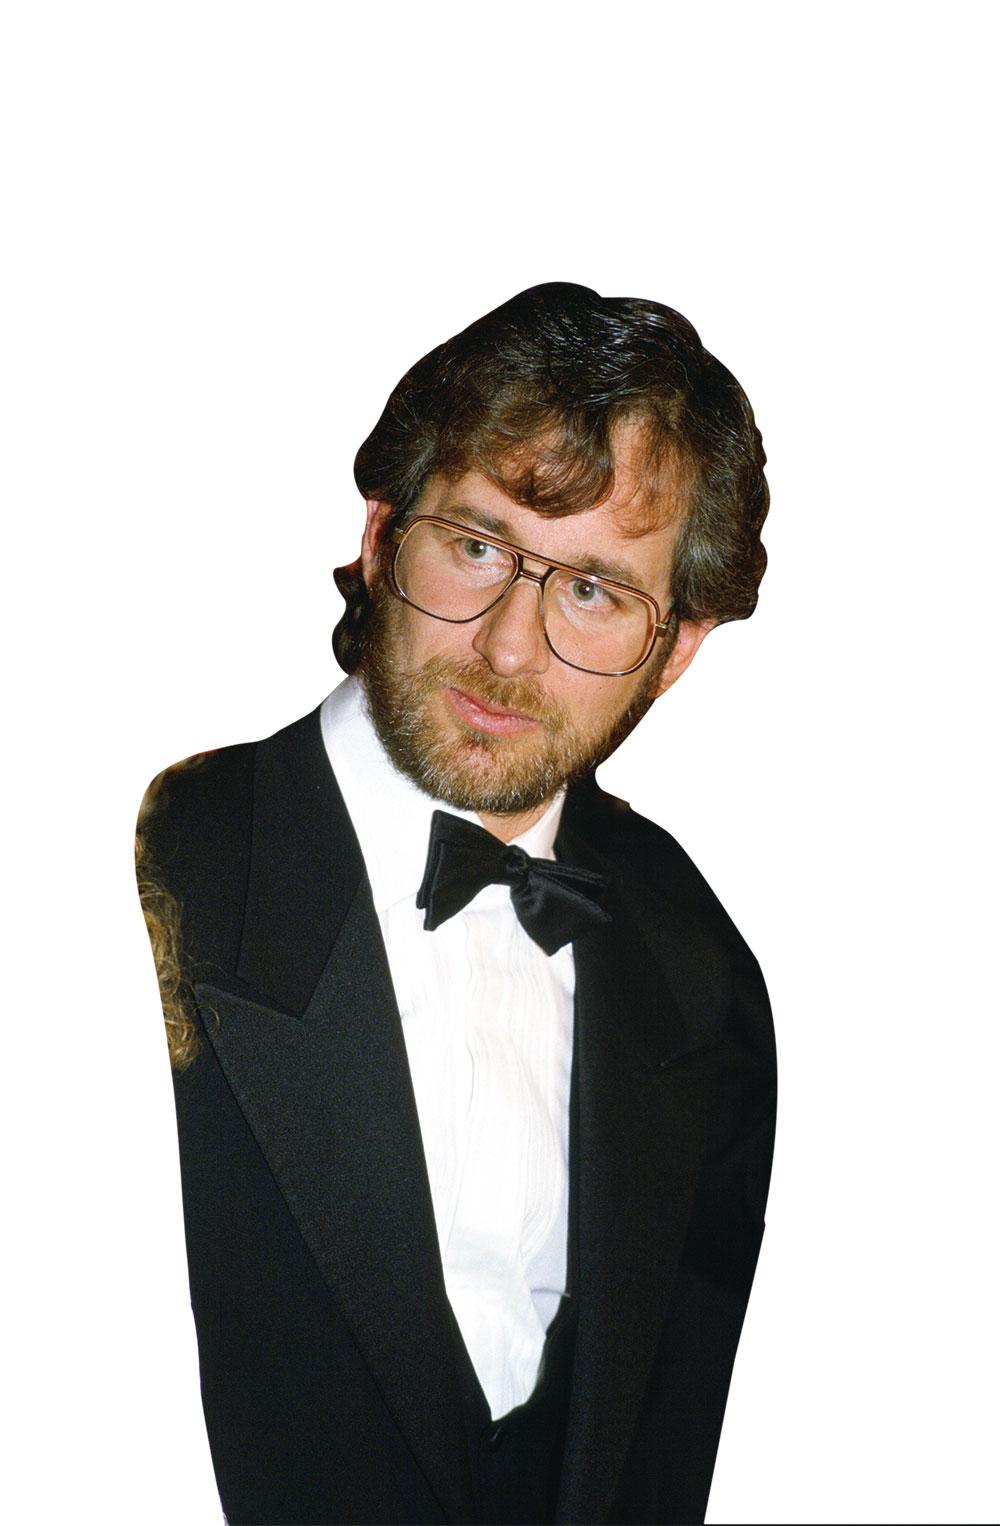 画像: 1985年「バック・トゥ・ザ・フューチャー」の英国ロイヤル・プレミアに出席した時のスピルバーグ Photos by Getty Images